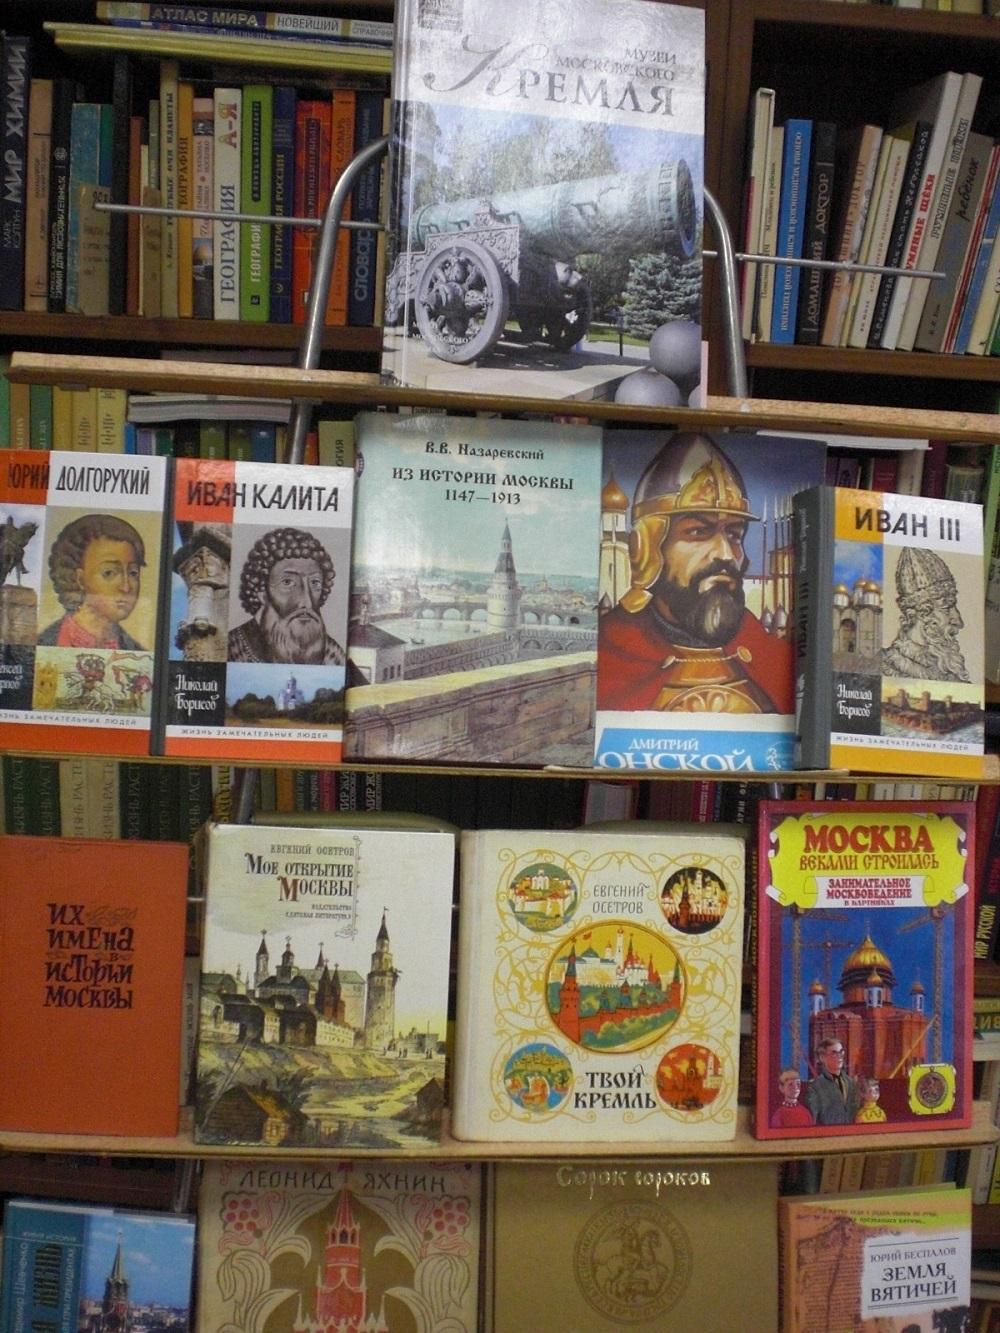 Детская библиотека_Кремль - сердце Москвы_11